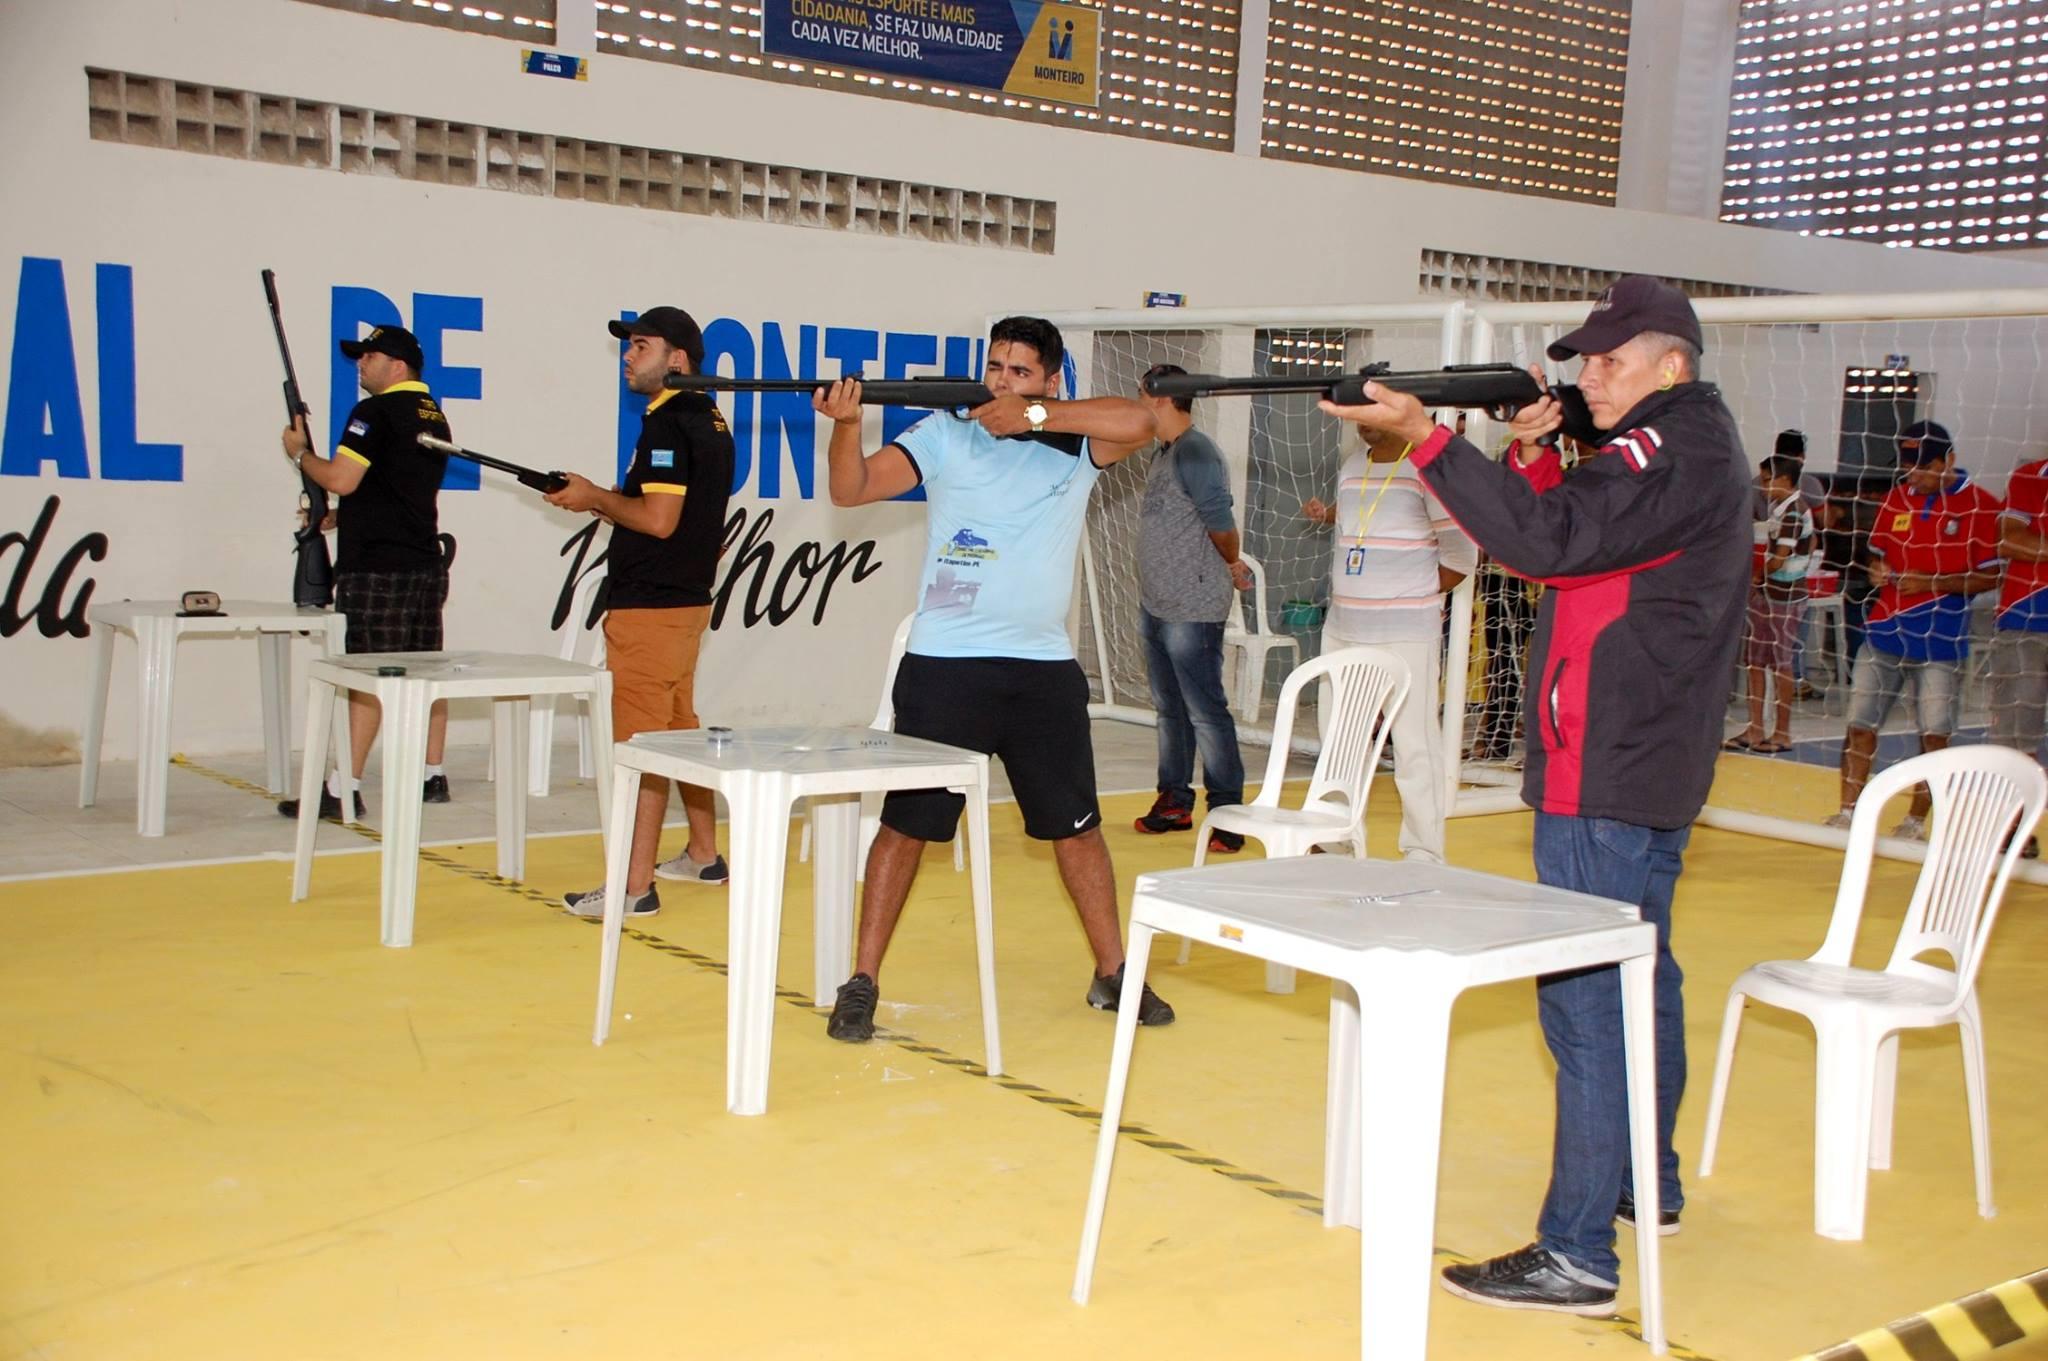 18738782_1889324521340738_1578330112643278762_o-300x199 Participantes comemoram o sucesso do Torneio de Tiro Esportivo de Monteiro